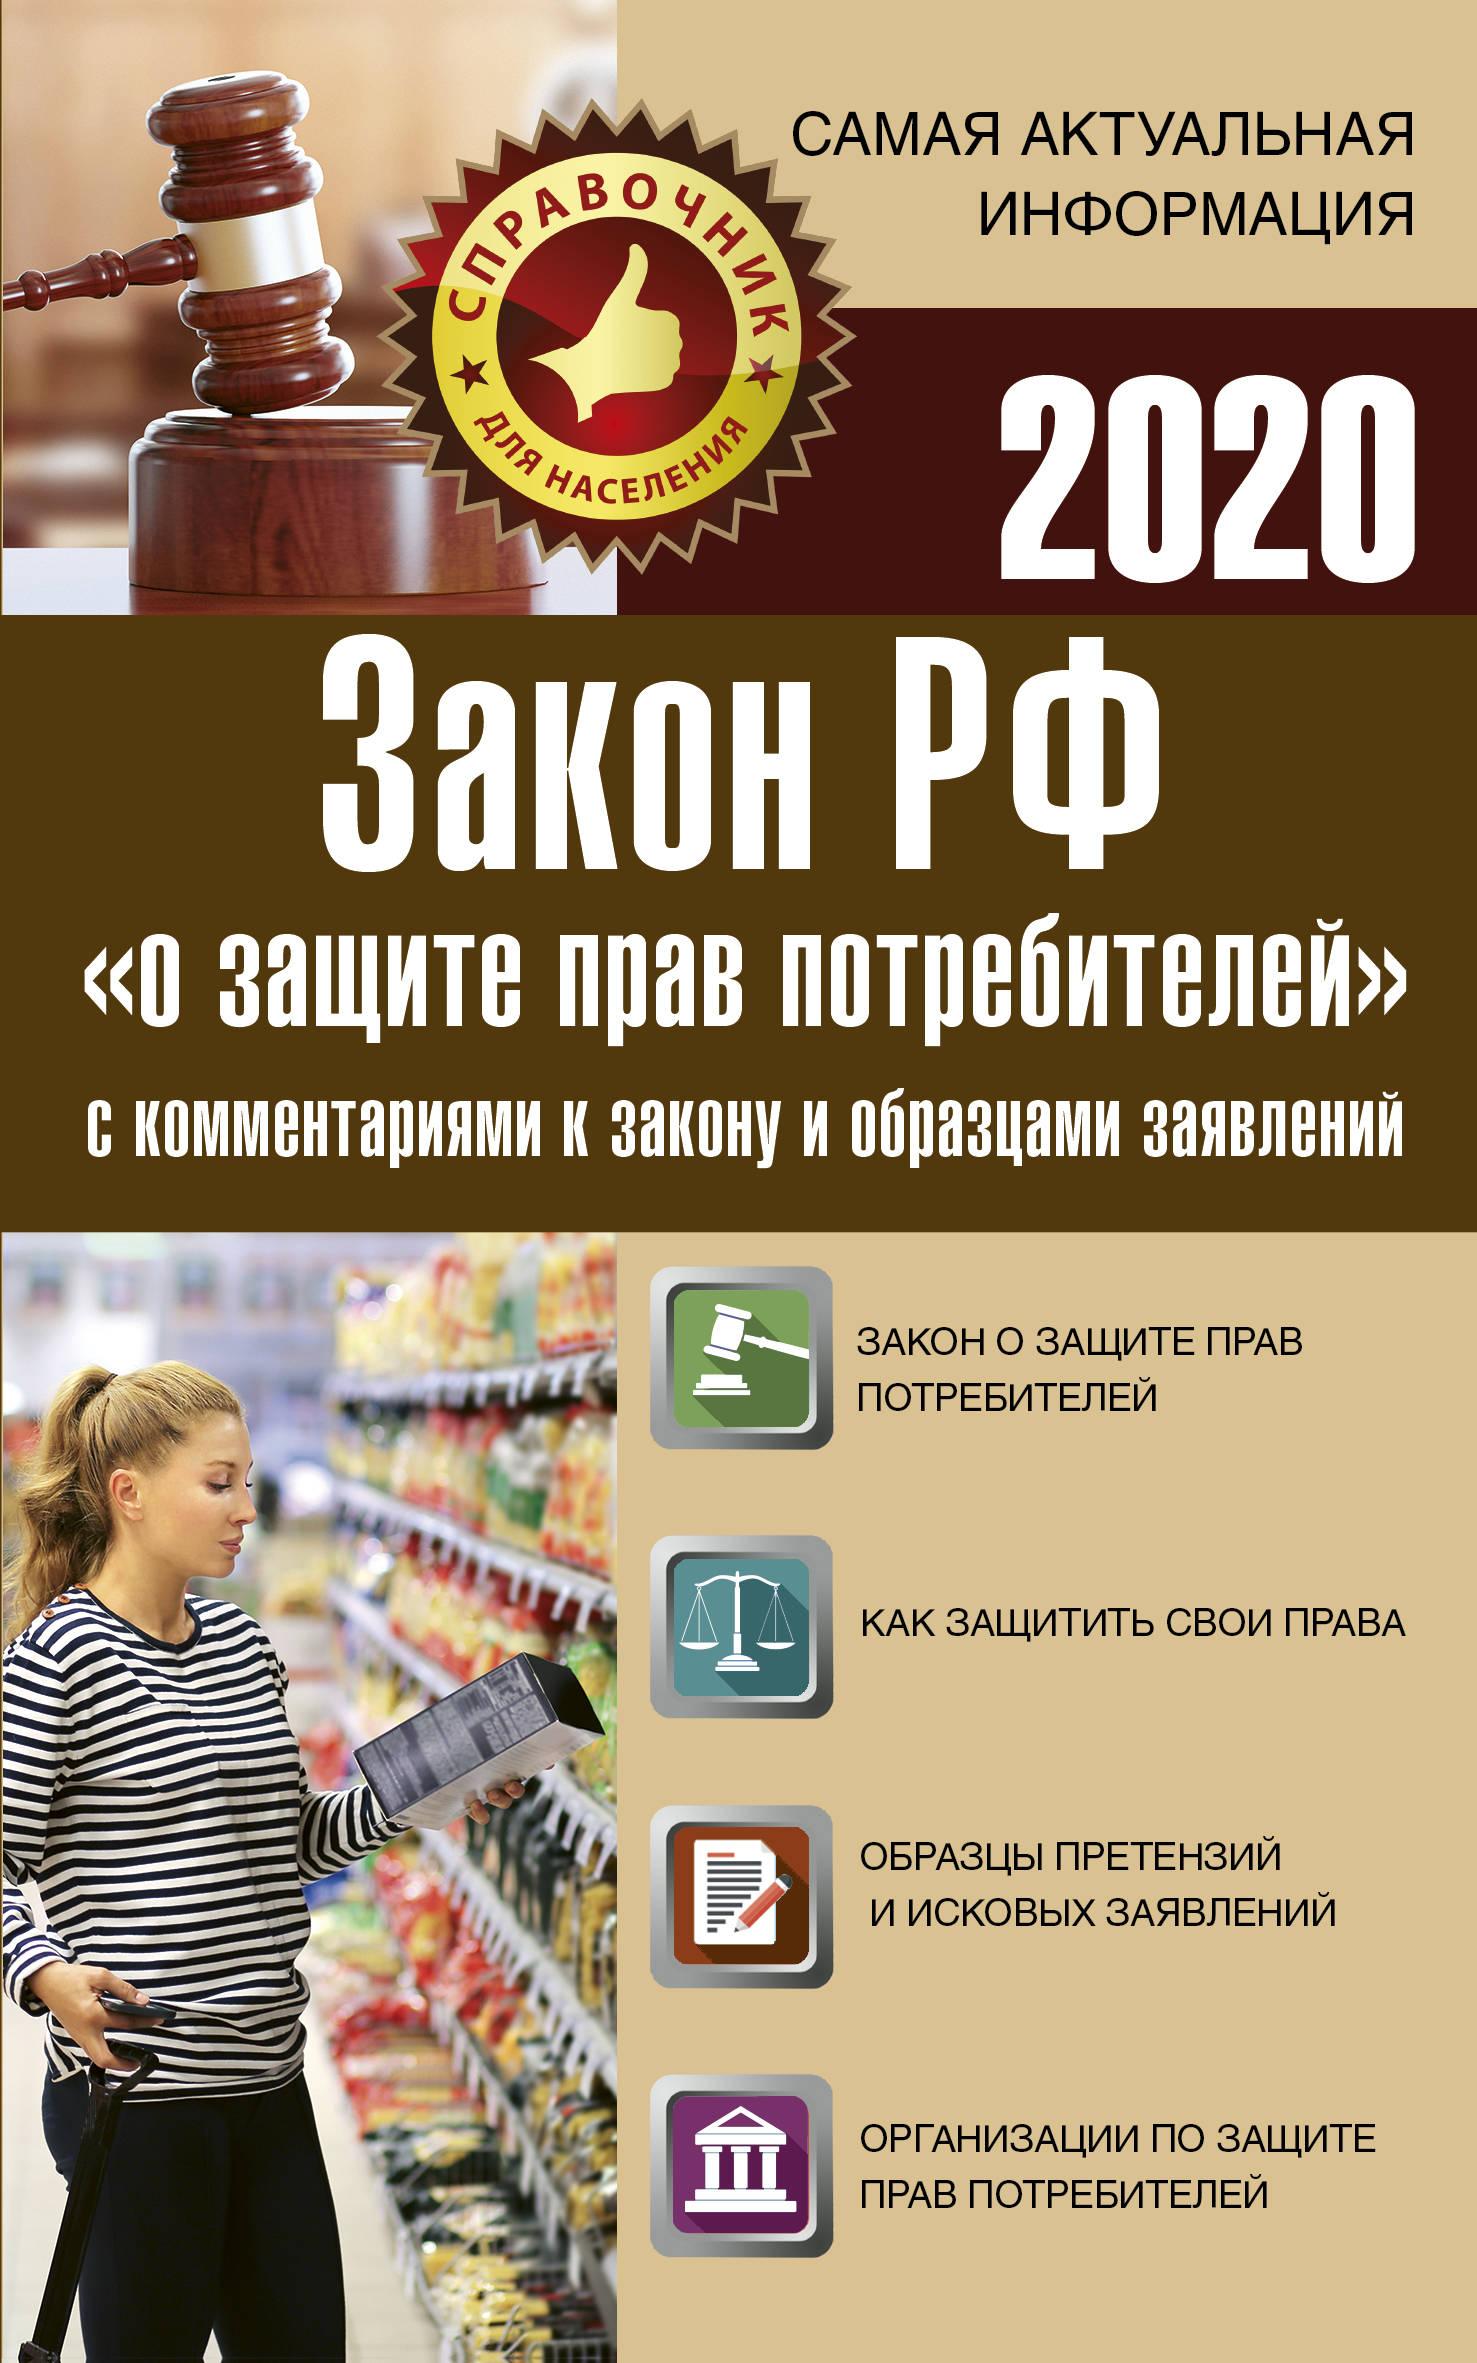 Закон РФ О защите прав потребителей с комментариями к закону и образцами заявлений на 2020 год